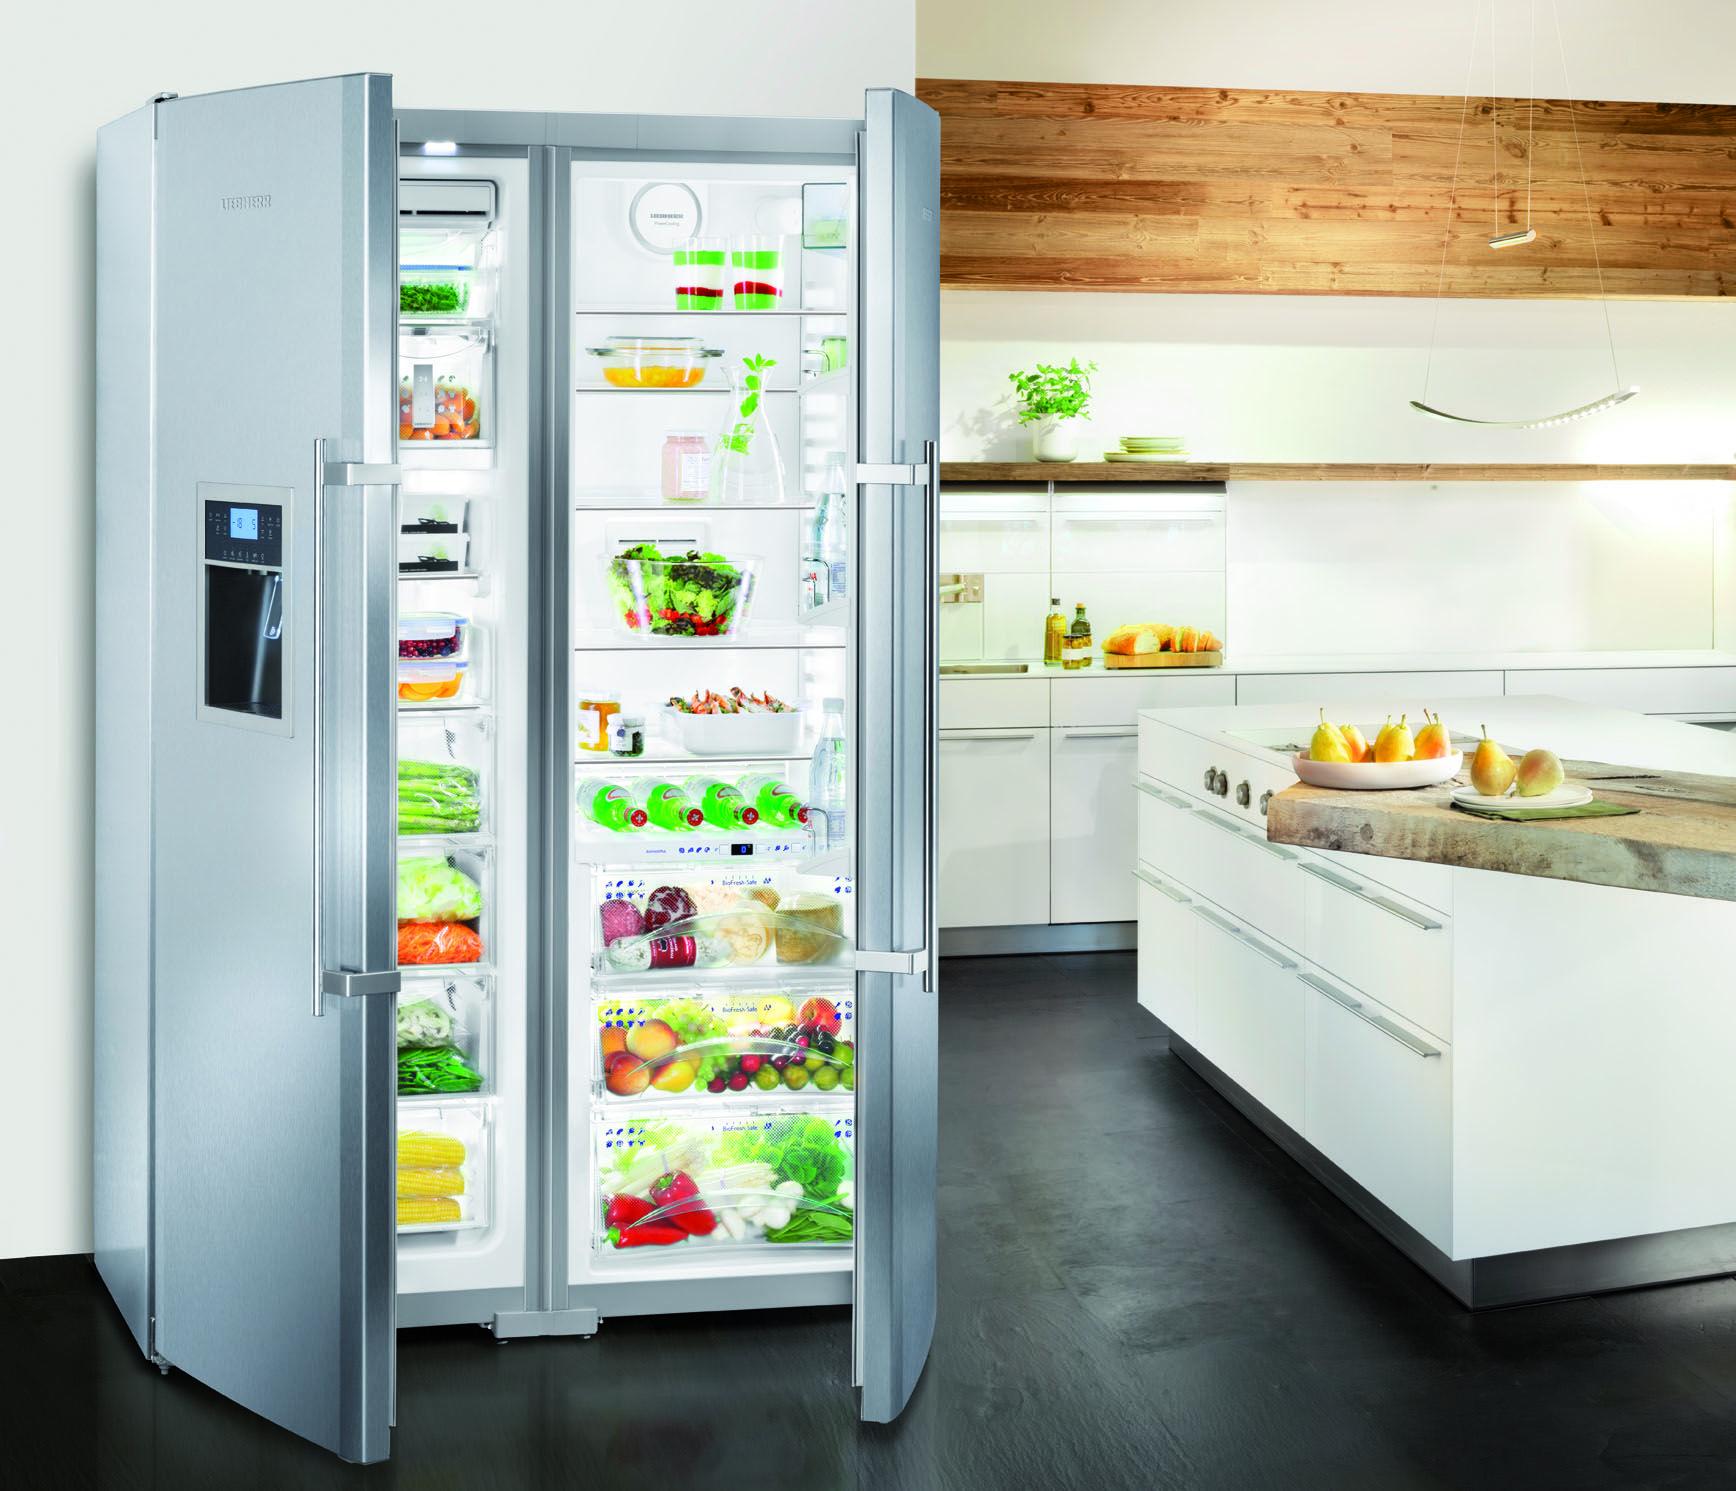 Как выбрать лучший холодильник liebherr для дома. полезные советы для успешной покупки